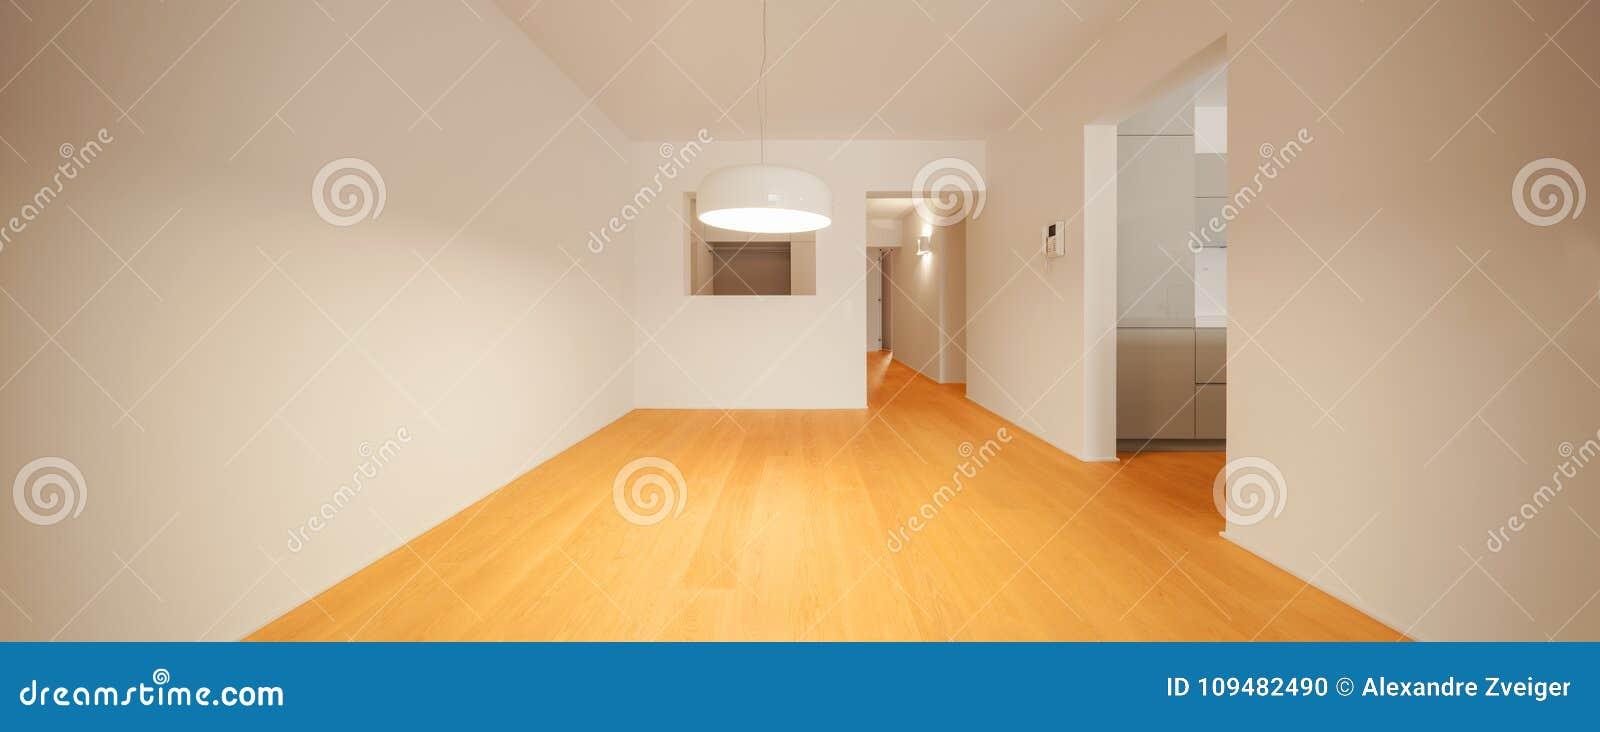 Interior do apartamento moderno, sala vazia